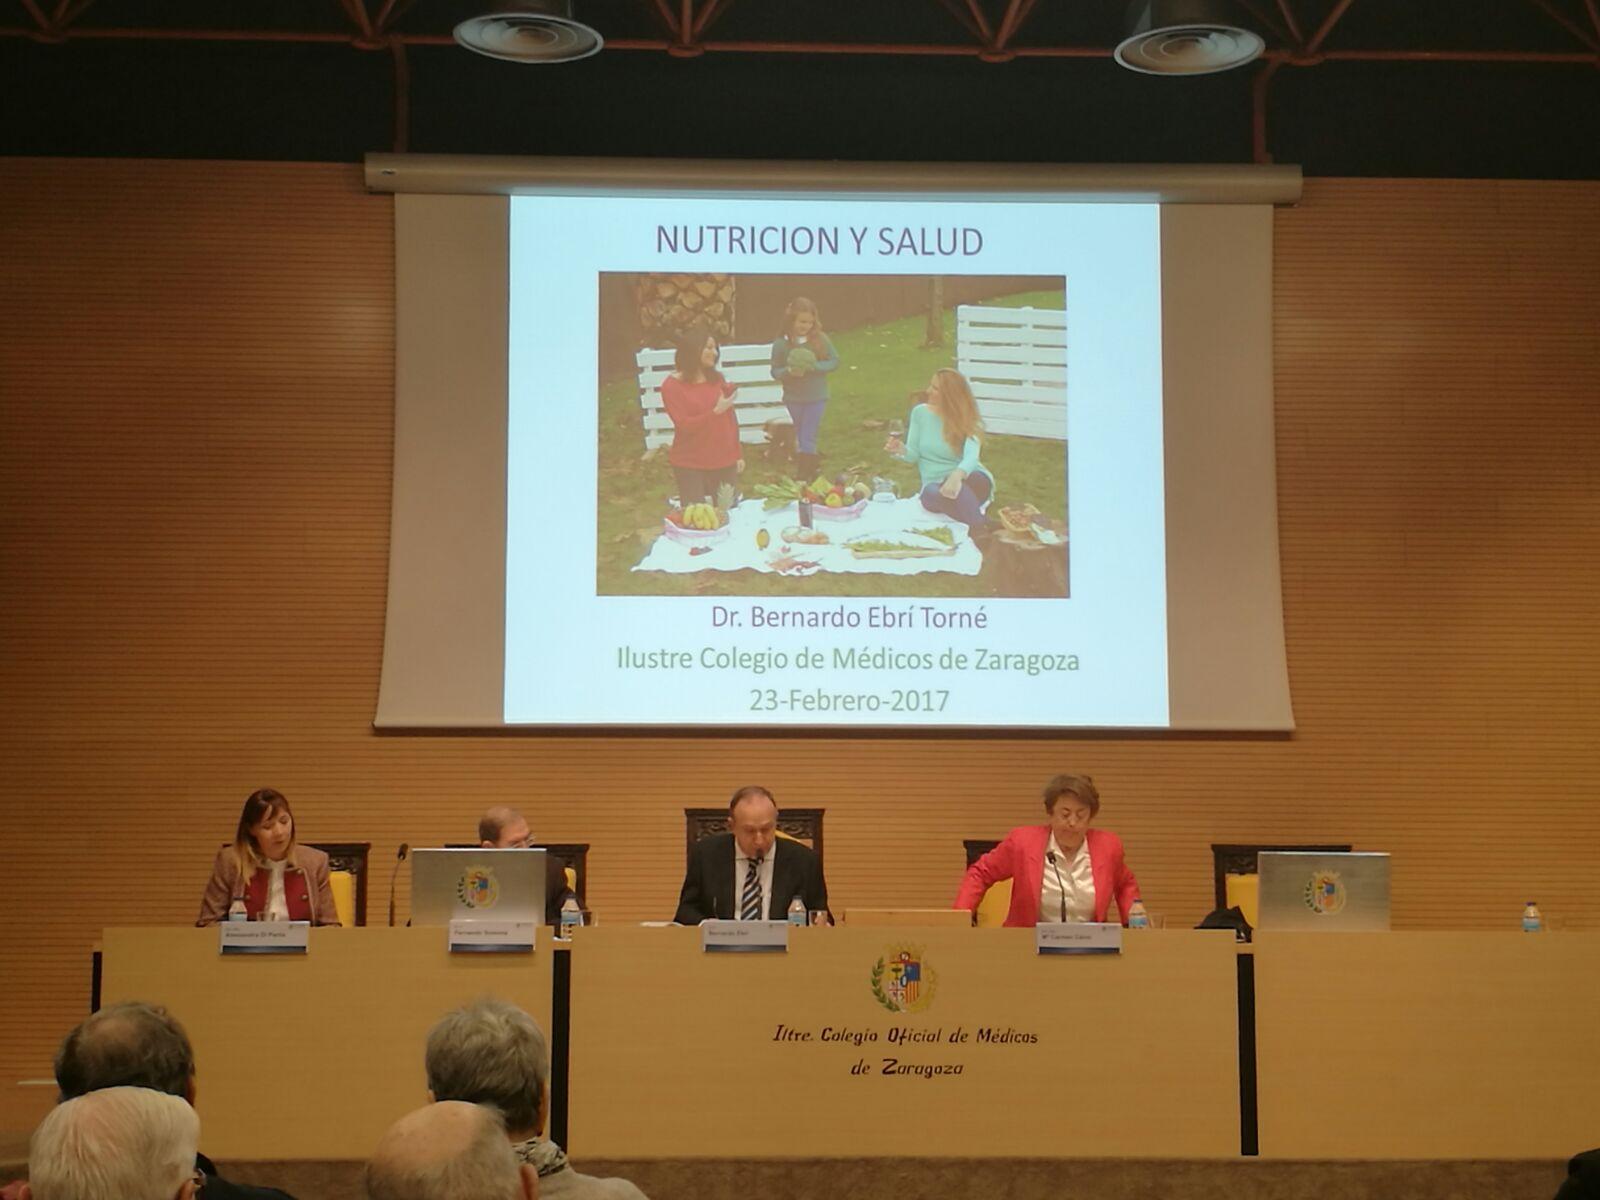 Presentacion de Nutrición y Salud